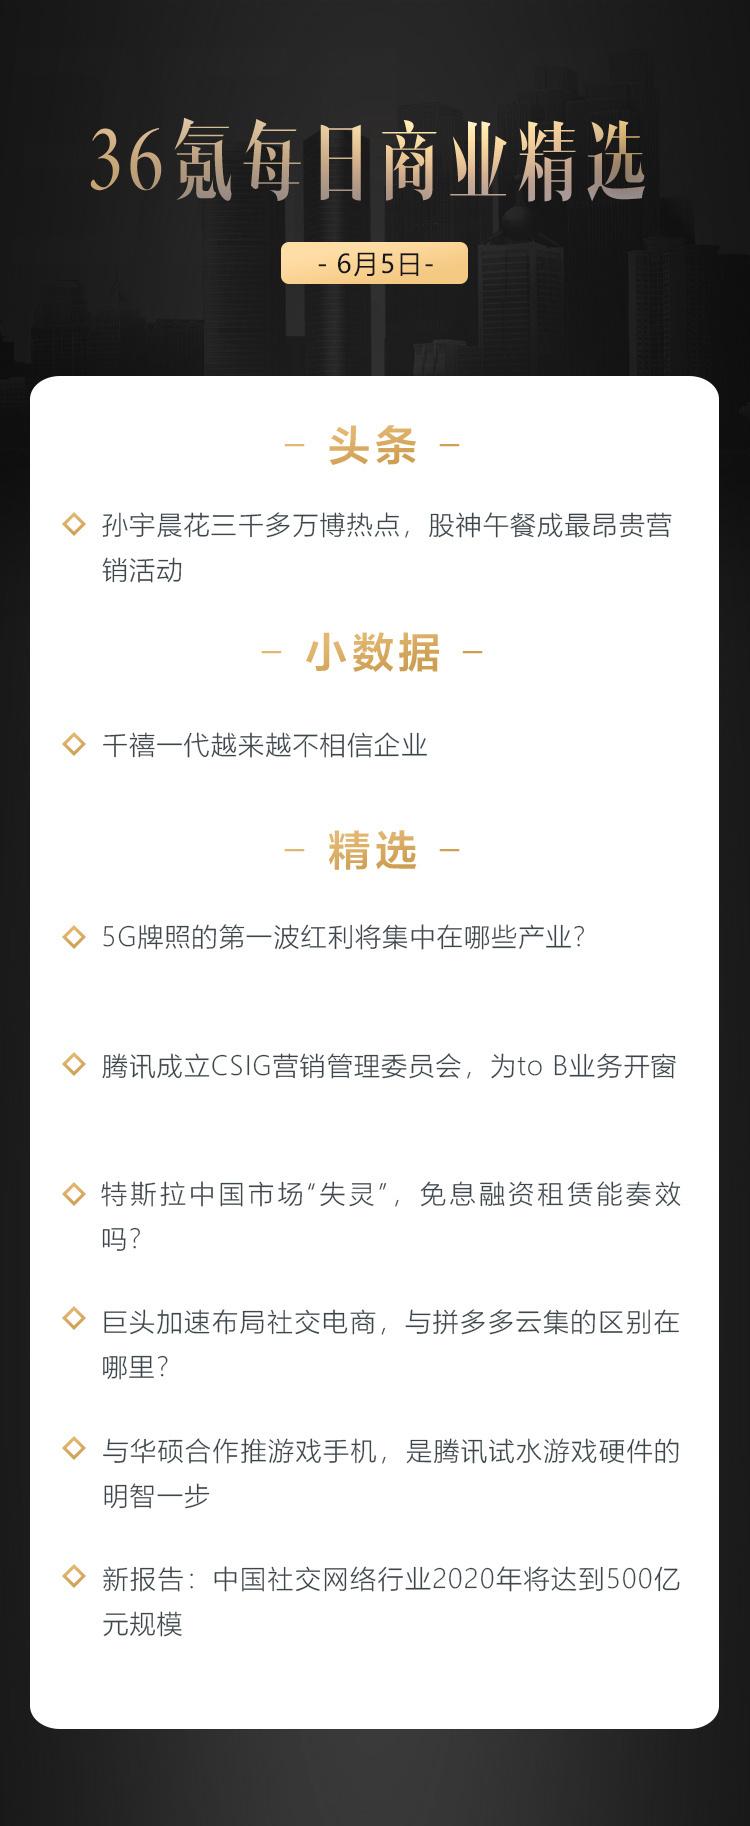 深度資訊 | 孫宇晨花三千多萬博熱點,股神午餐成最昂貴營銷活動